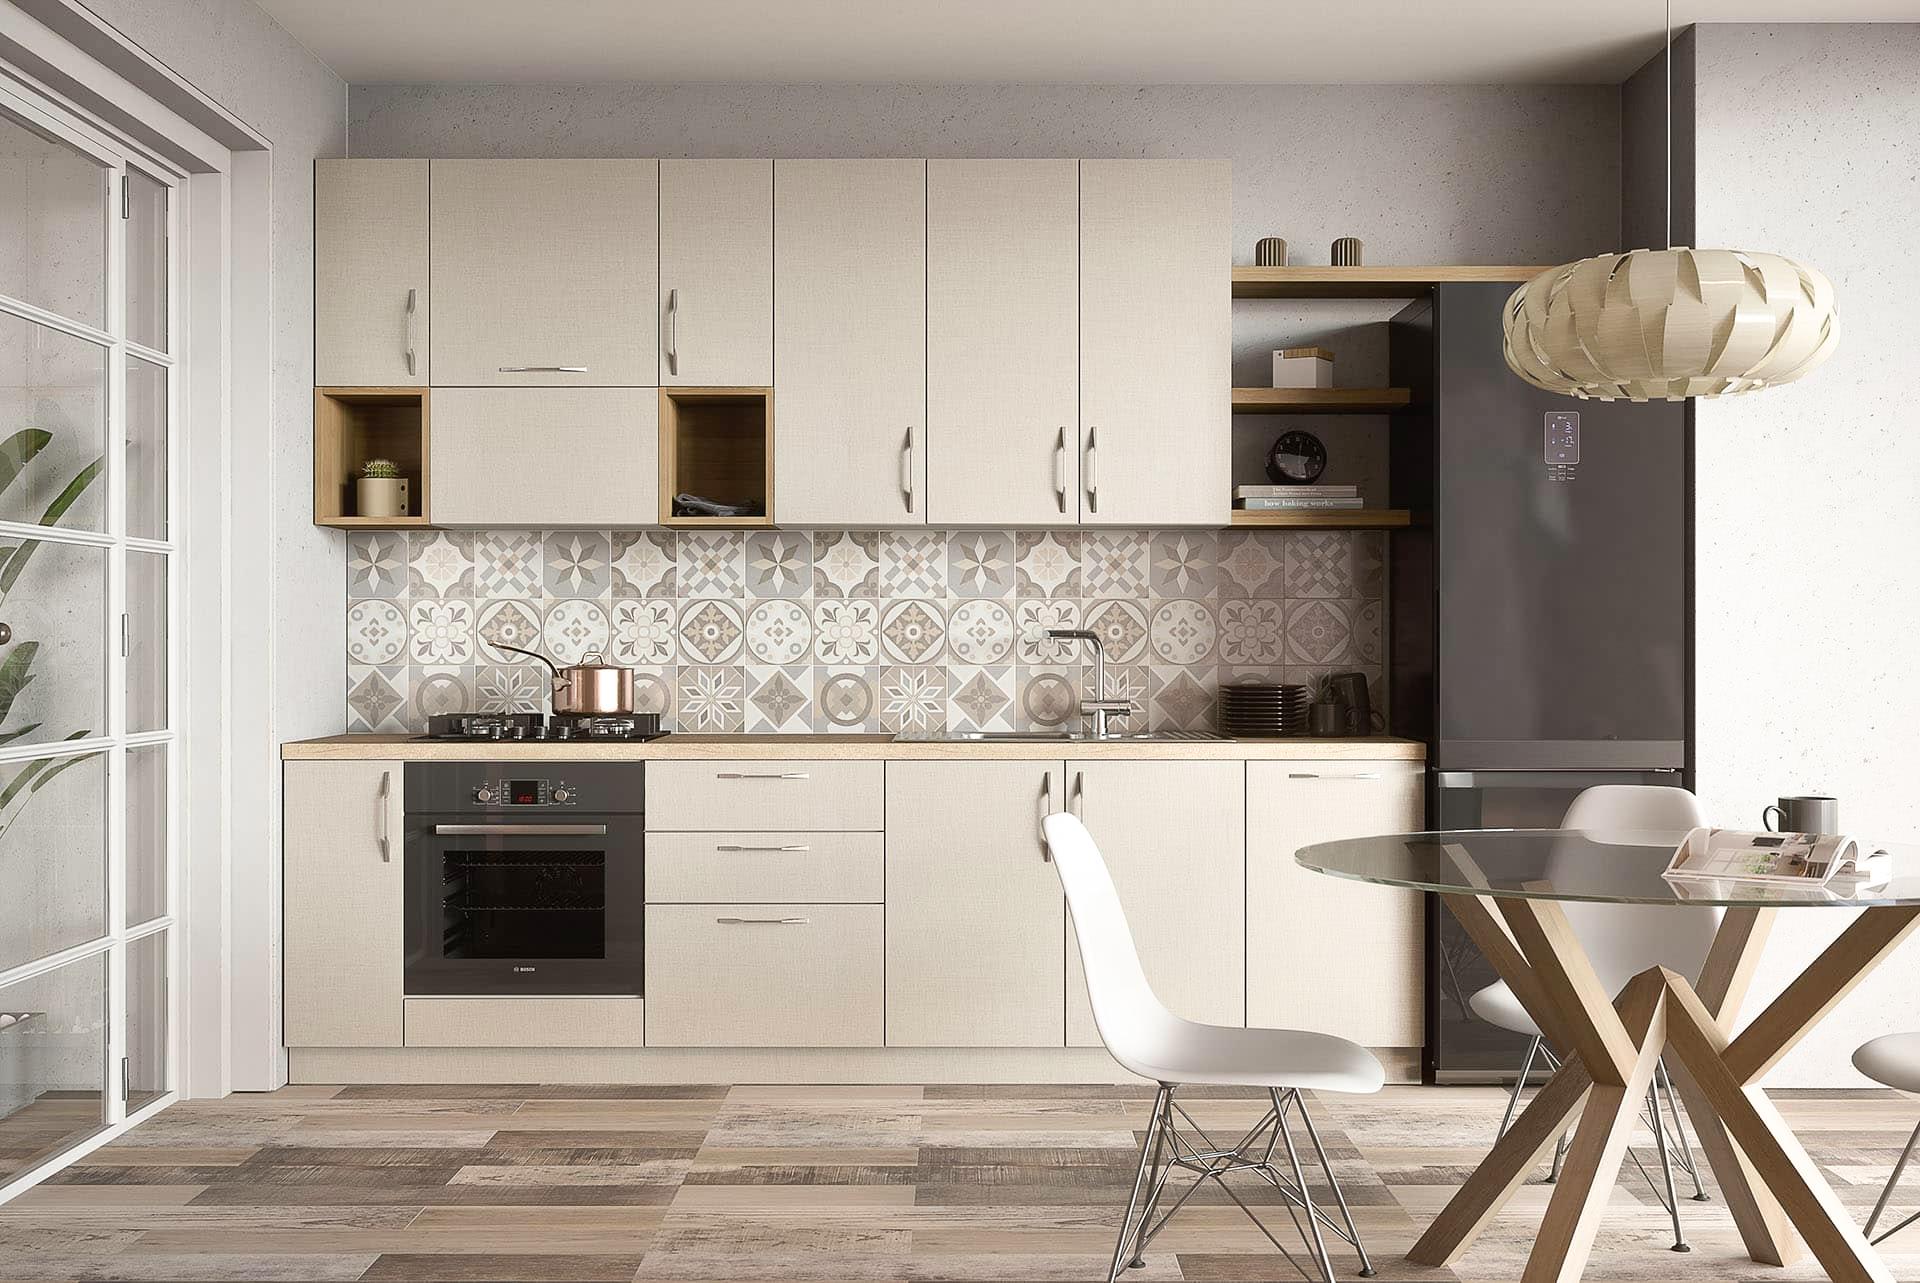 skandinavische landhausküche creme einbauküche modern